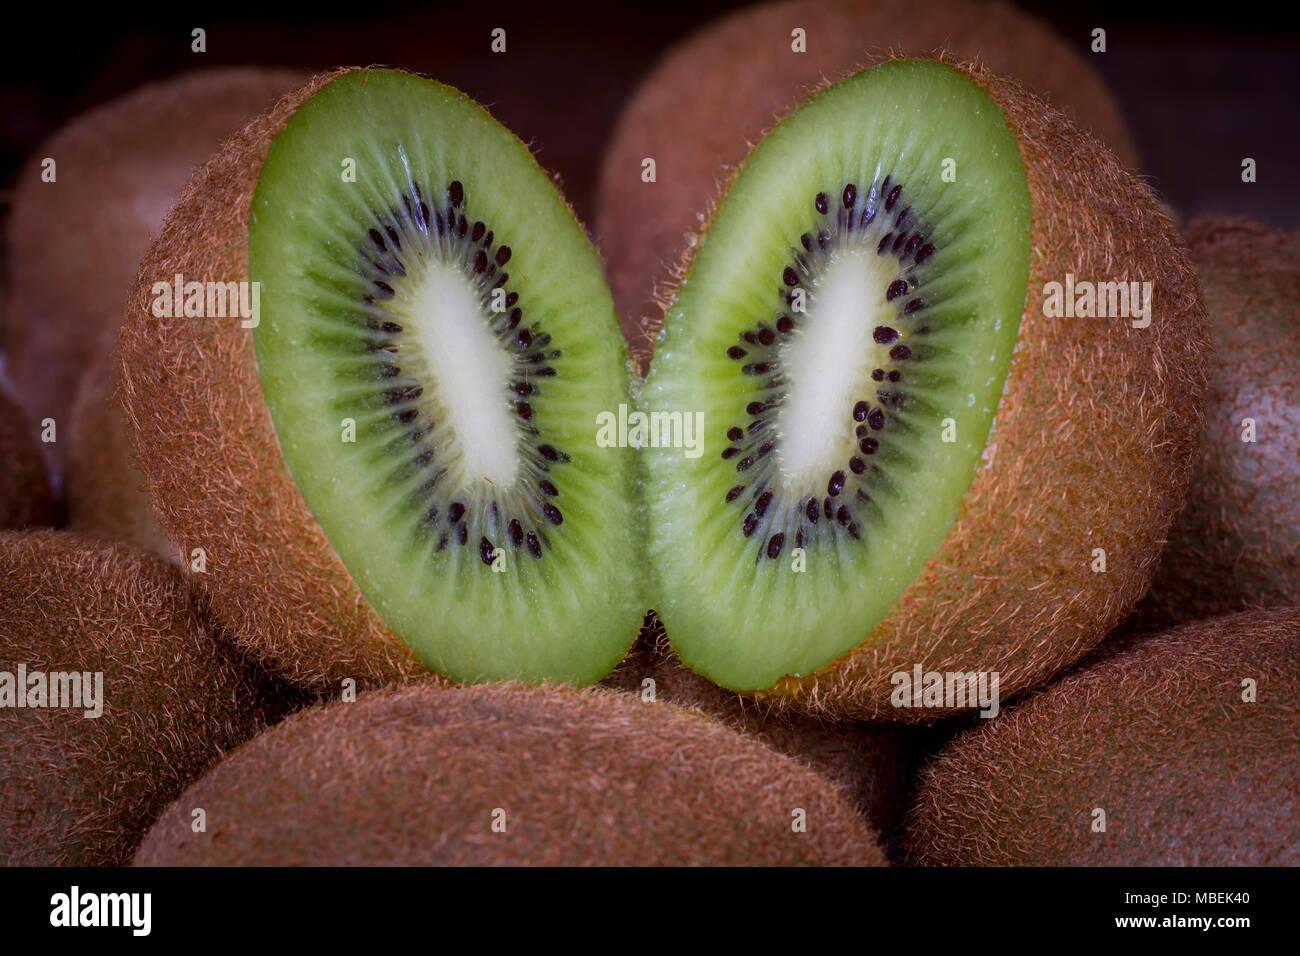 Slit open kiwi fruit - Stock Image